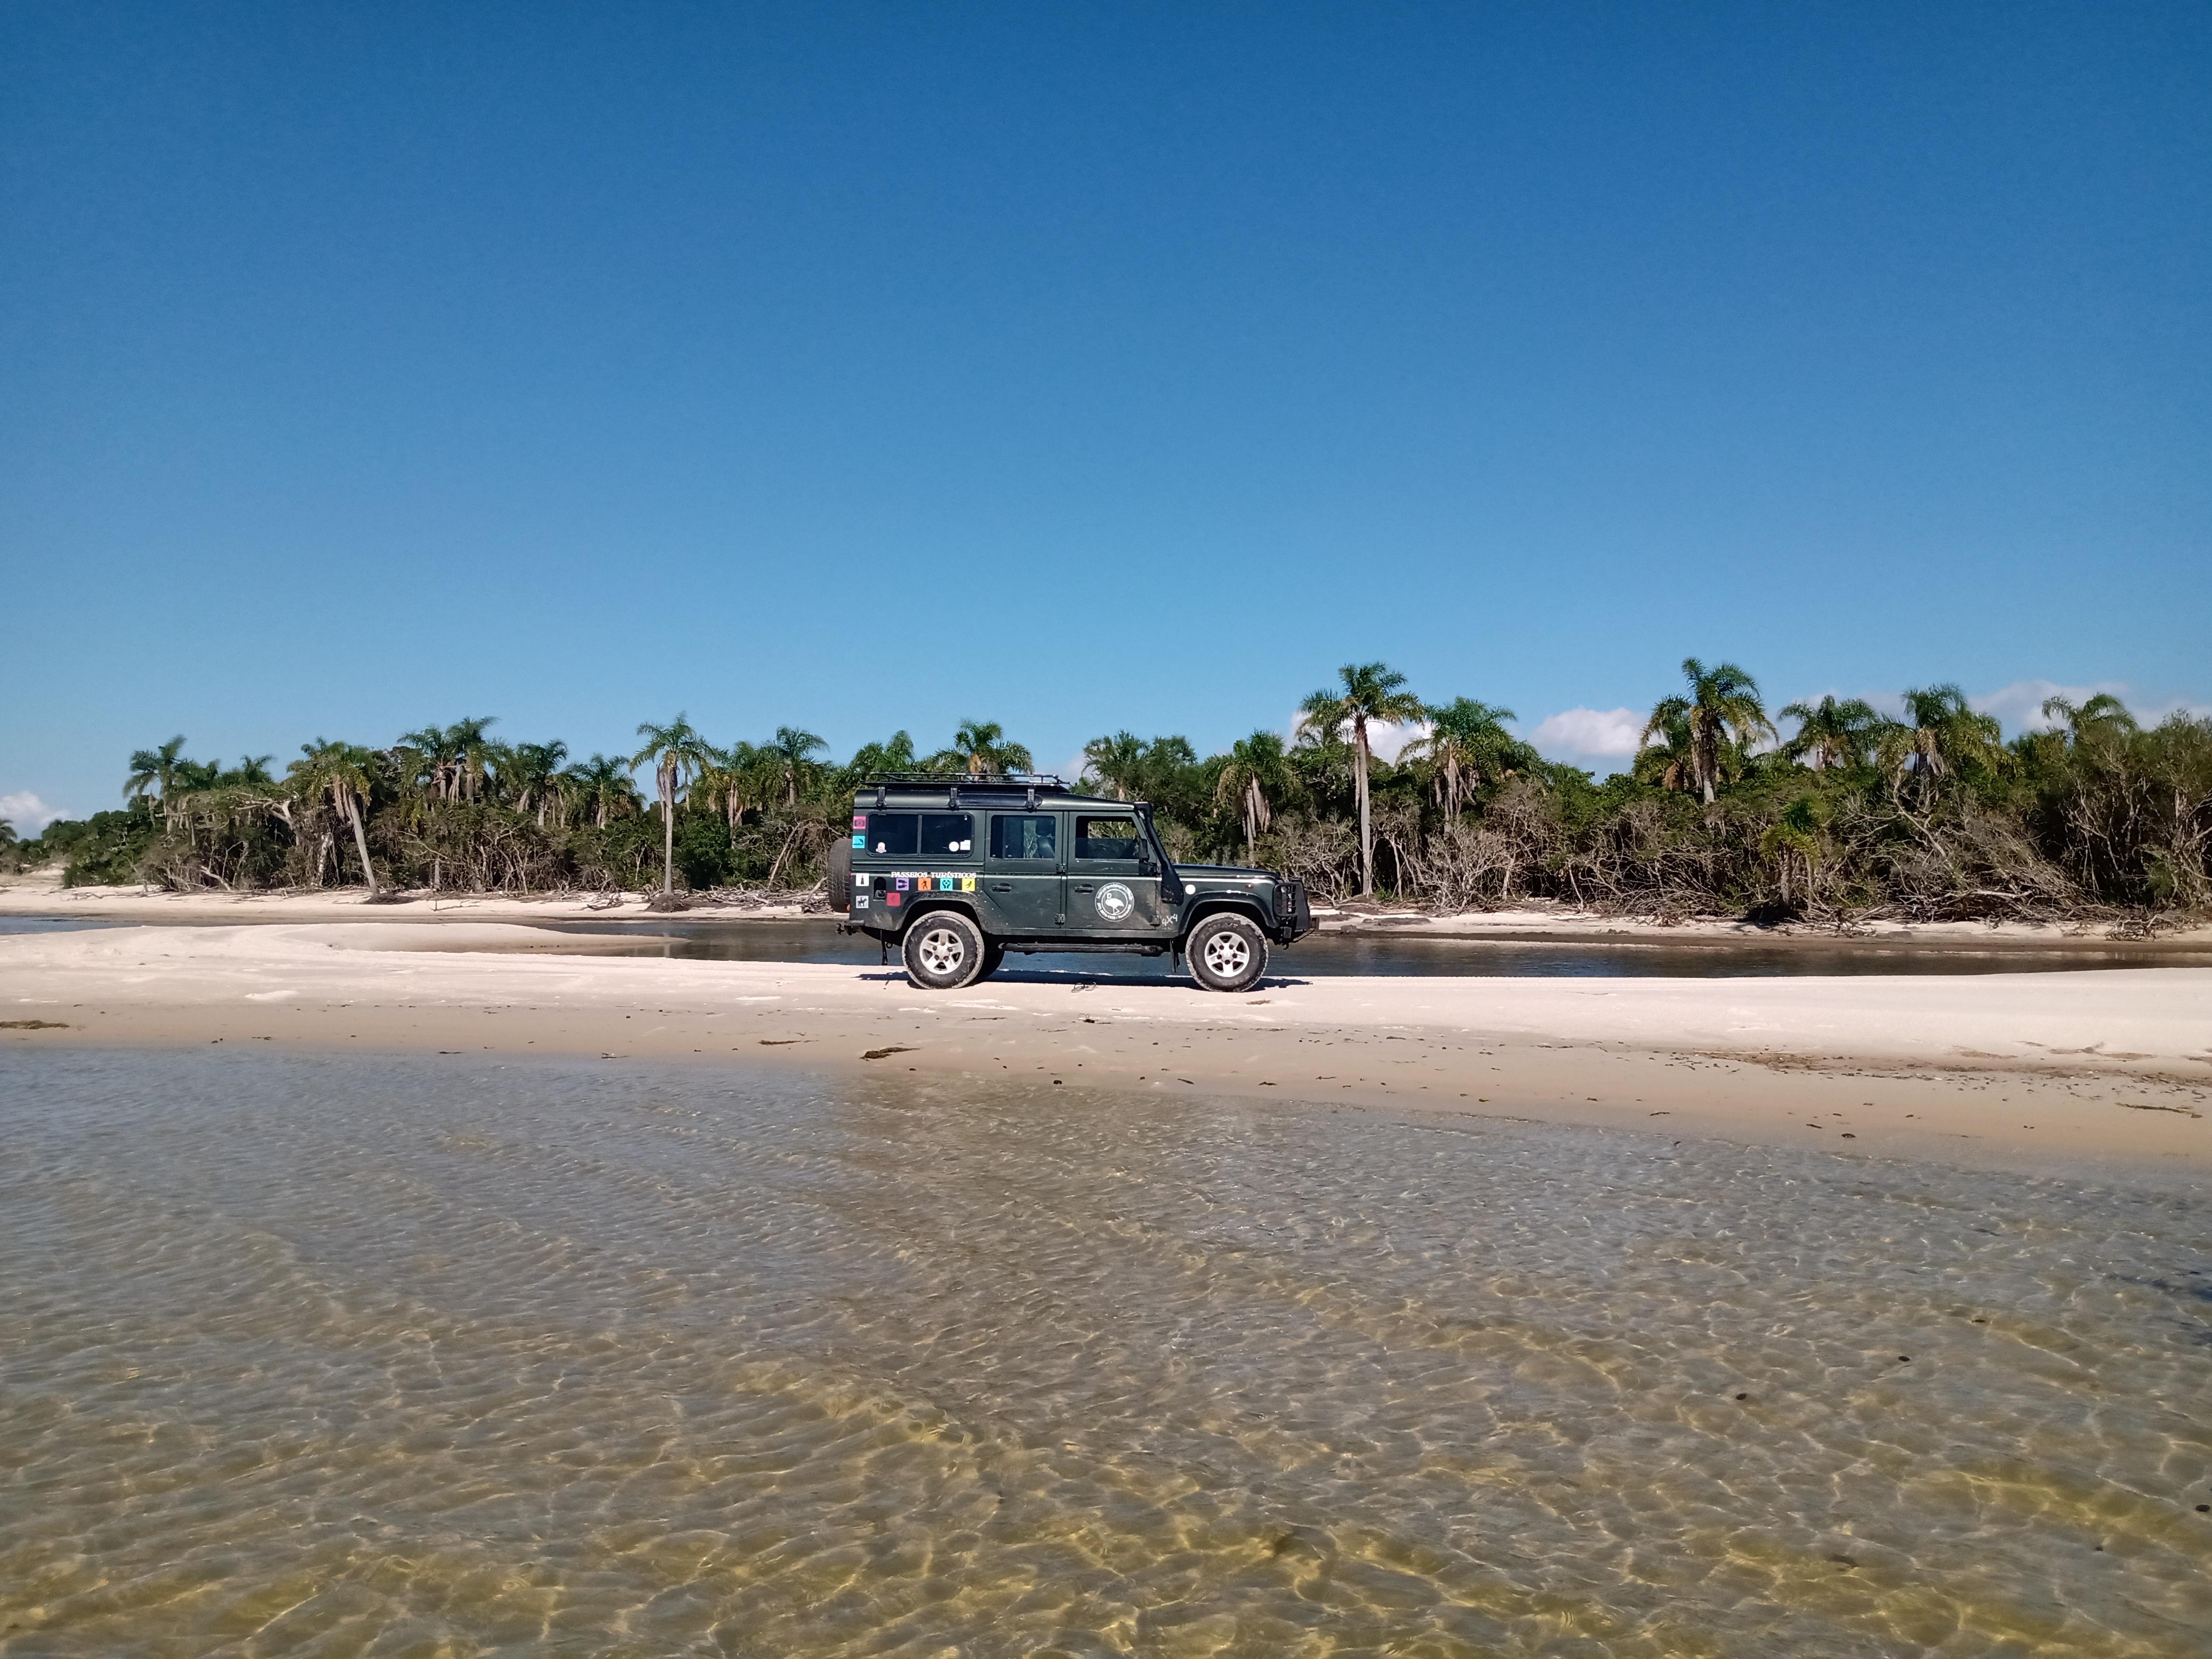 beira da lagoa com veículo na areia e coqueiros ao fundo